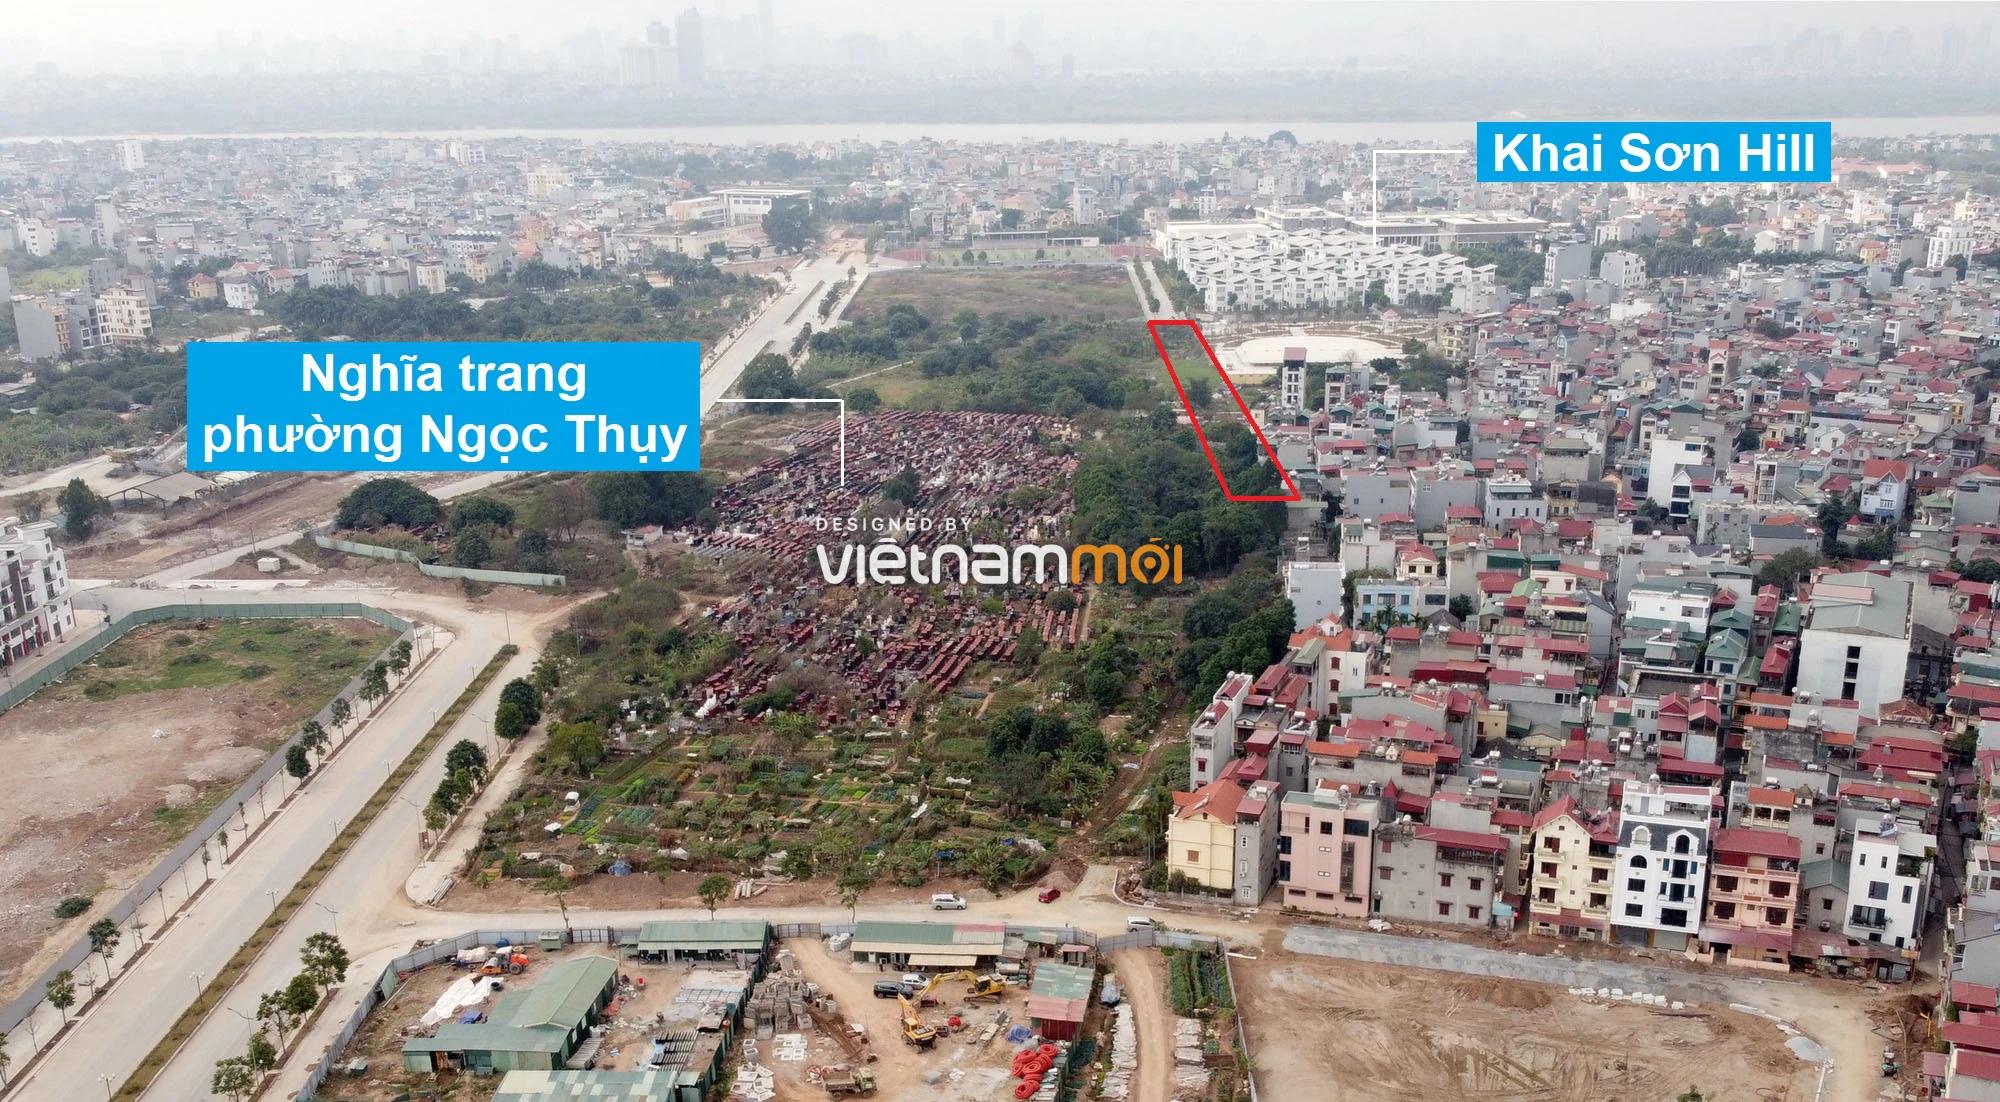 Những khu đất sắp thu hồi để mở đường ở phường Ngọc Thụy, Long Biên, Hà Nội (phần 1) - Ảnh 10.